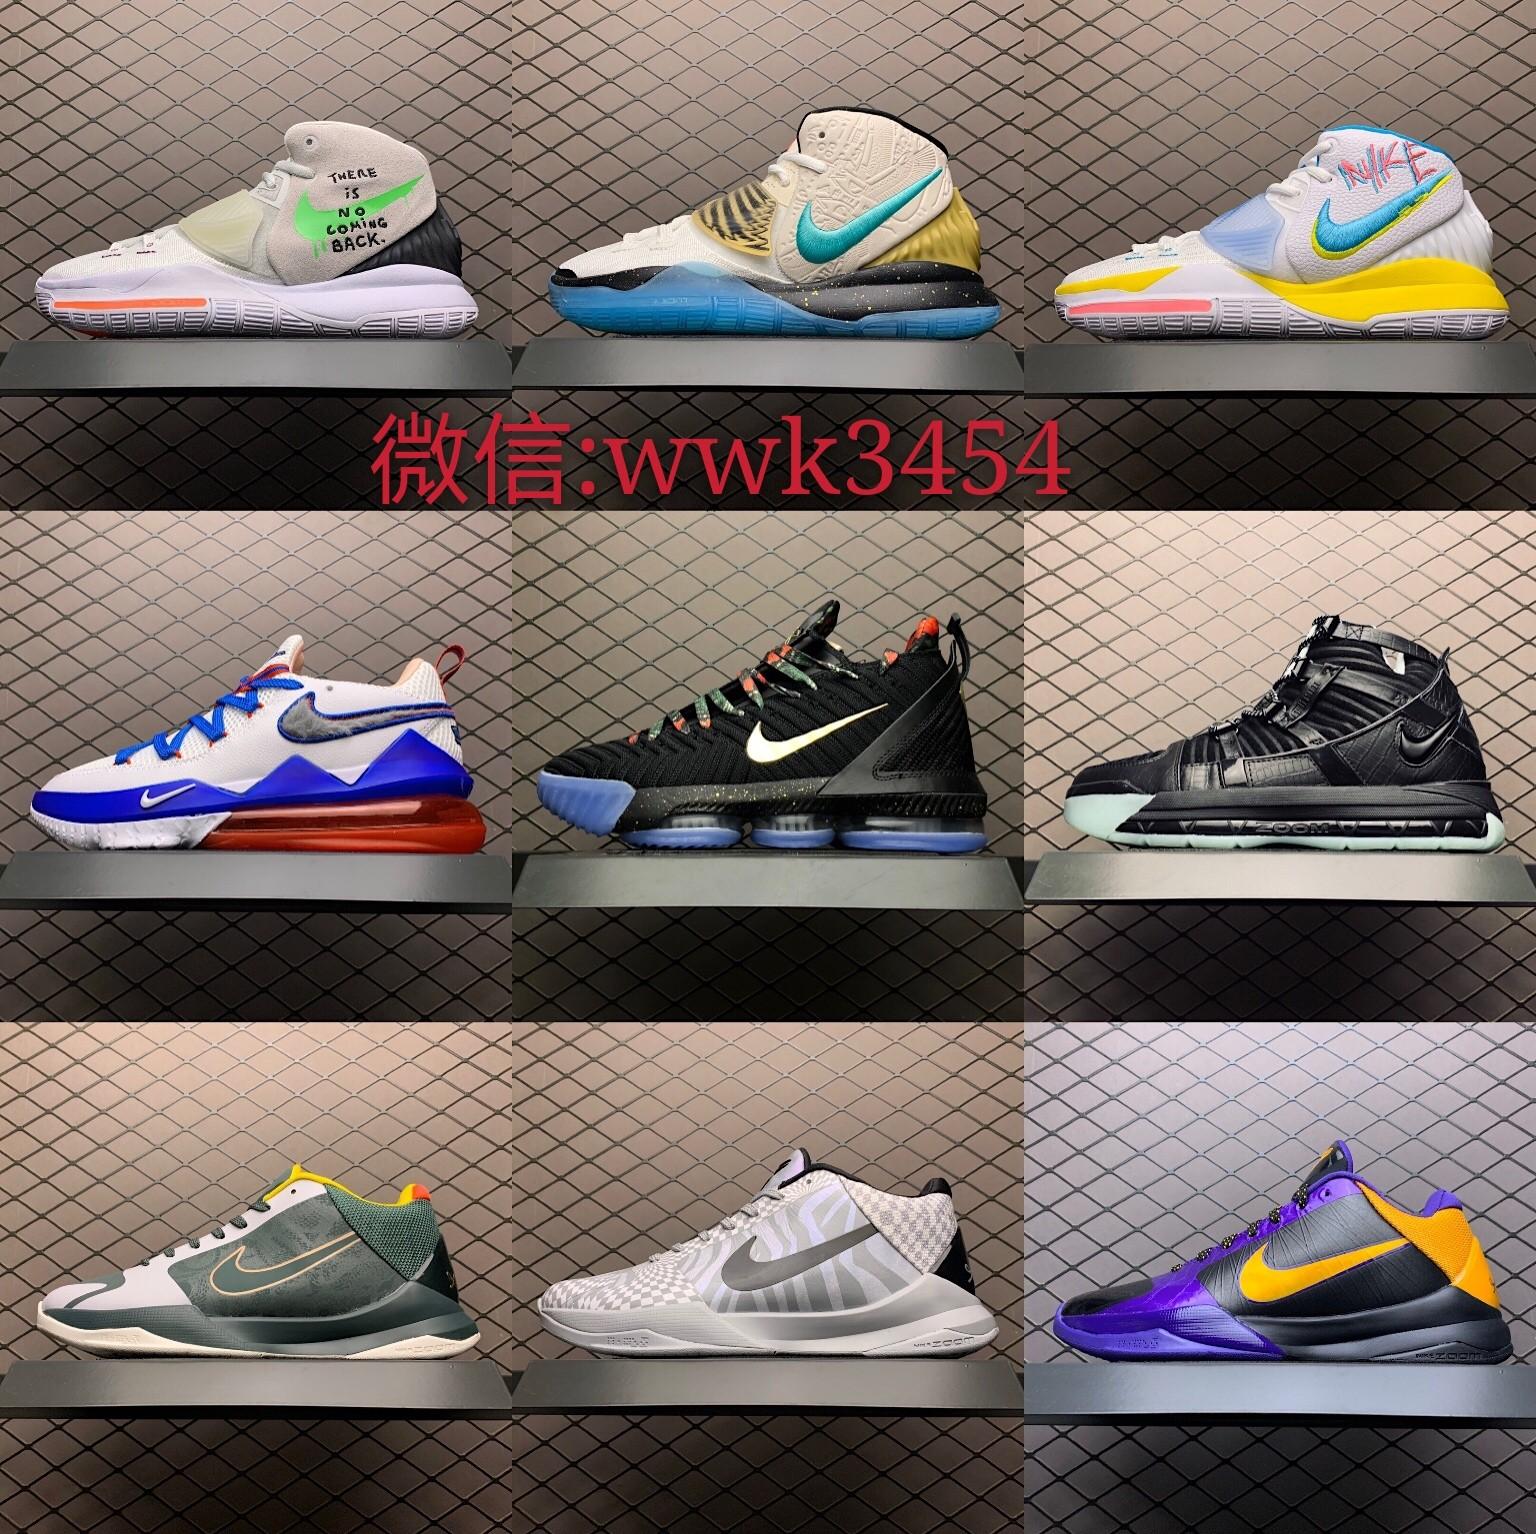 說說莆田鞋大廠有哪幾家,在哪能找到?